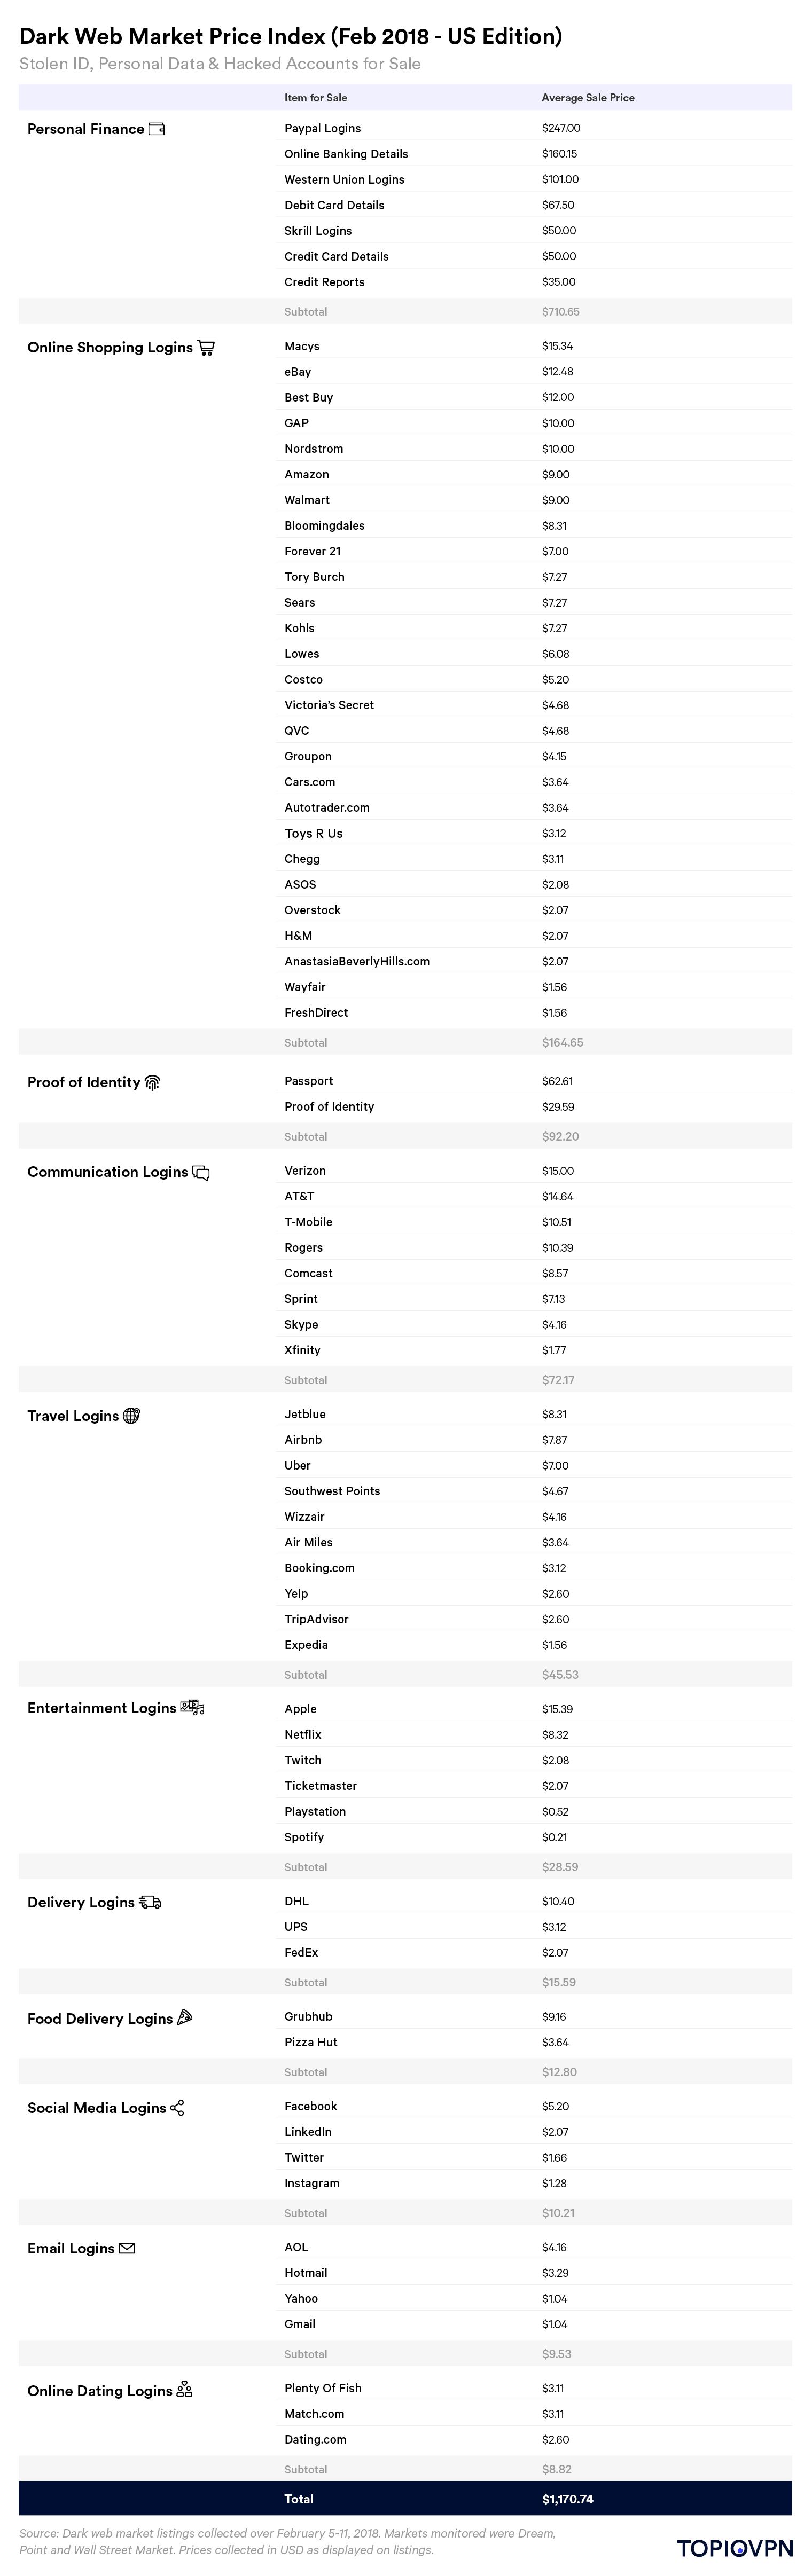 расценки на персональные данные